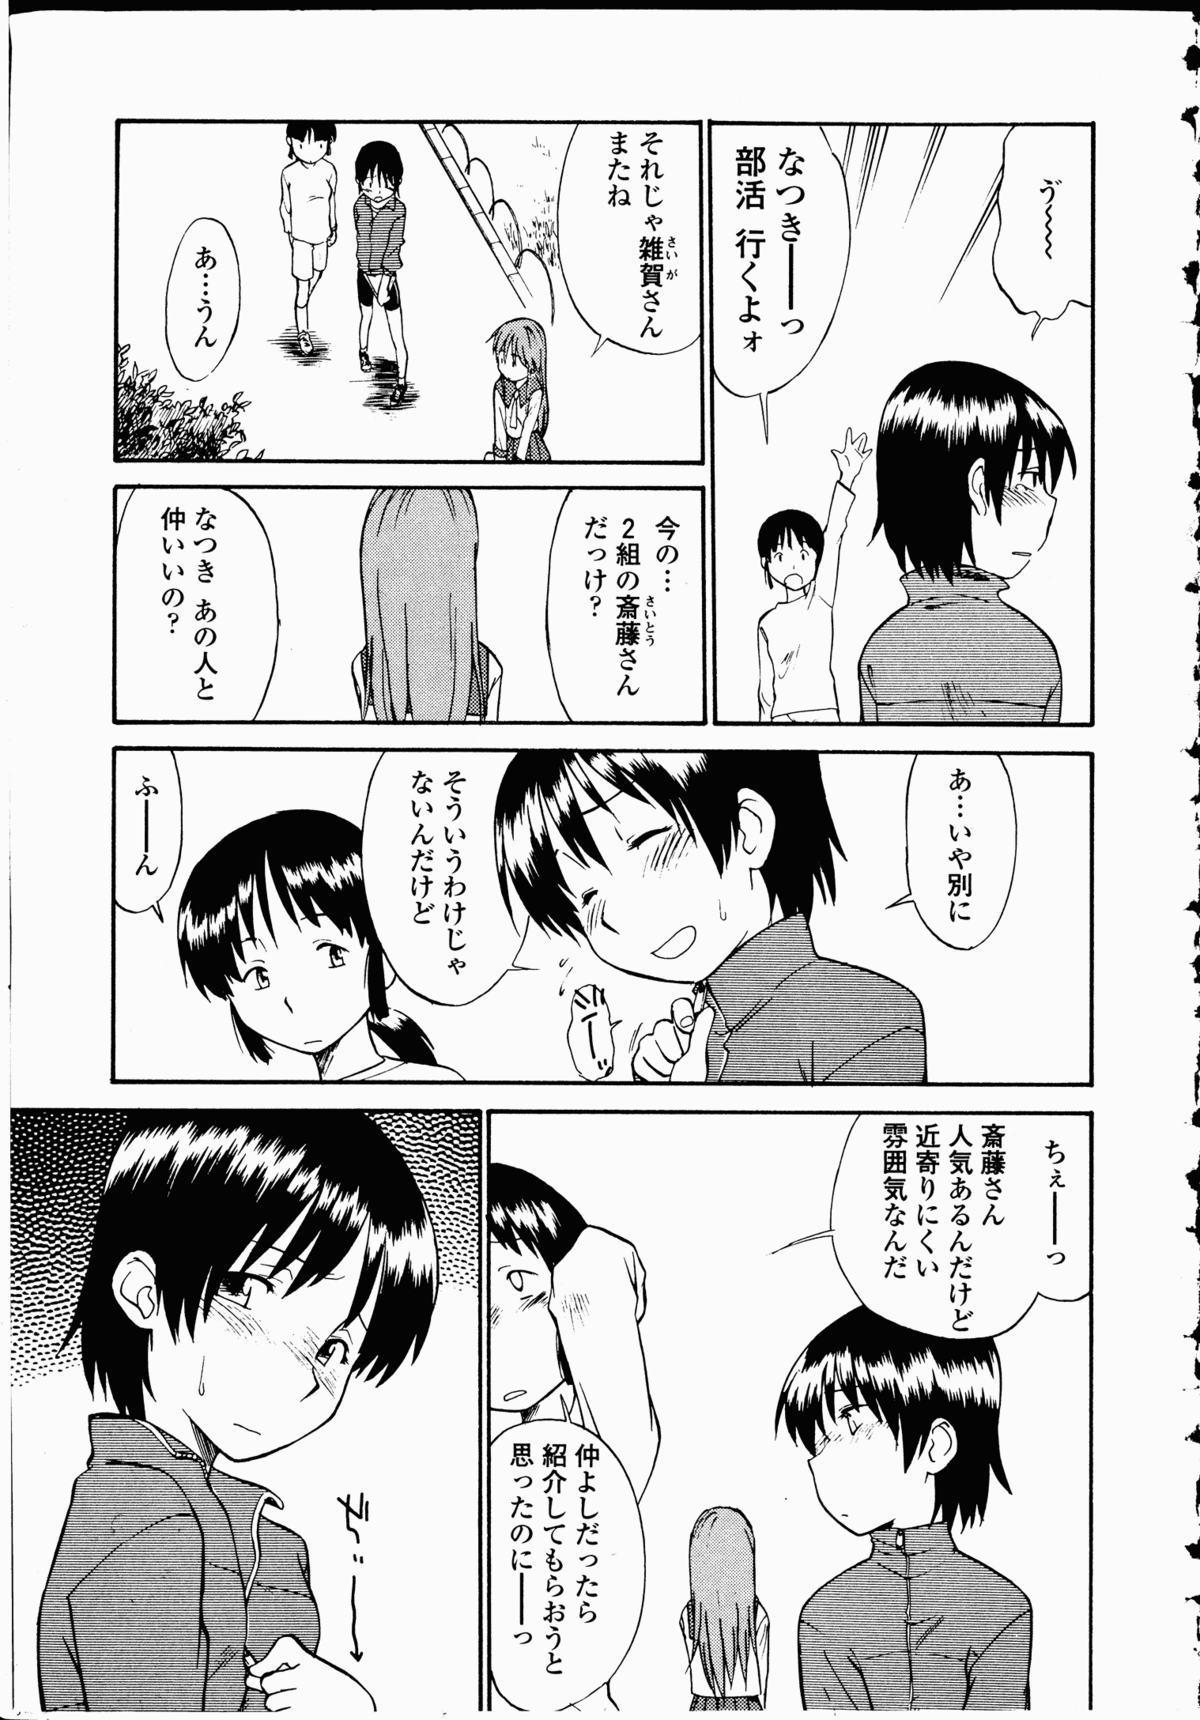 Youen Hyaku Monogatari 87